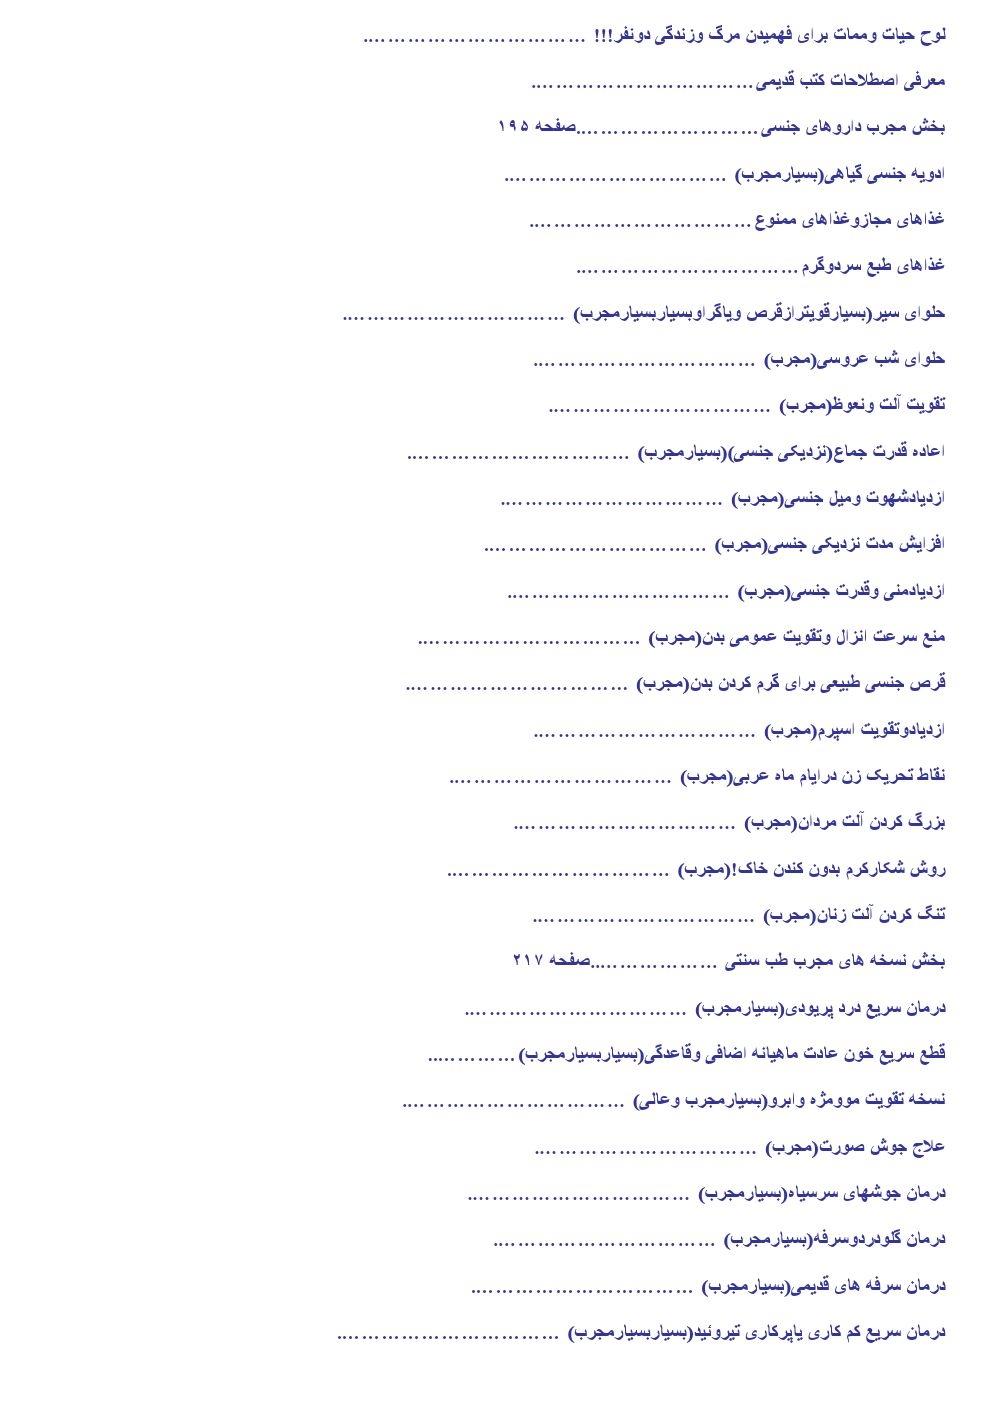 کتاب مجربات باقر فارسی